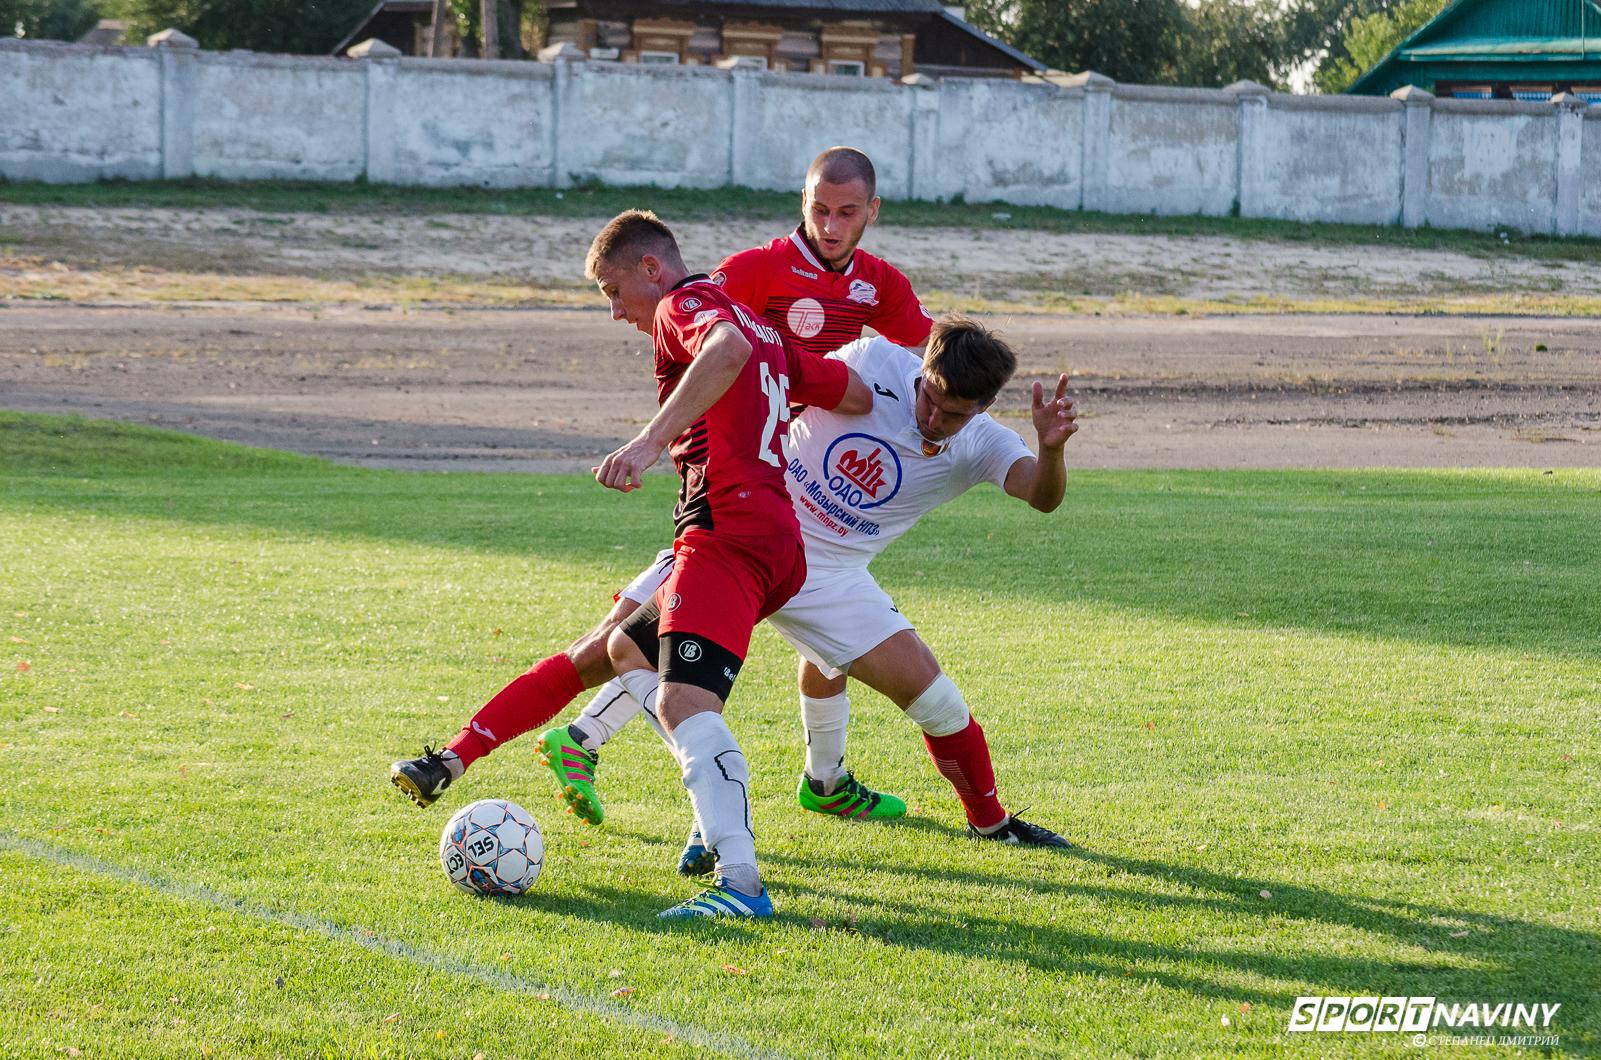 FC Lokomotiv 0:0 FC Slavia-Mozyr. 25/08/2018